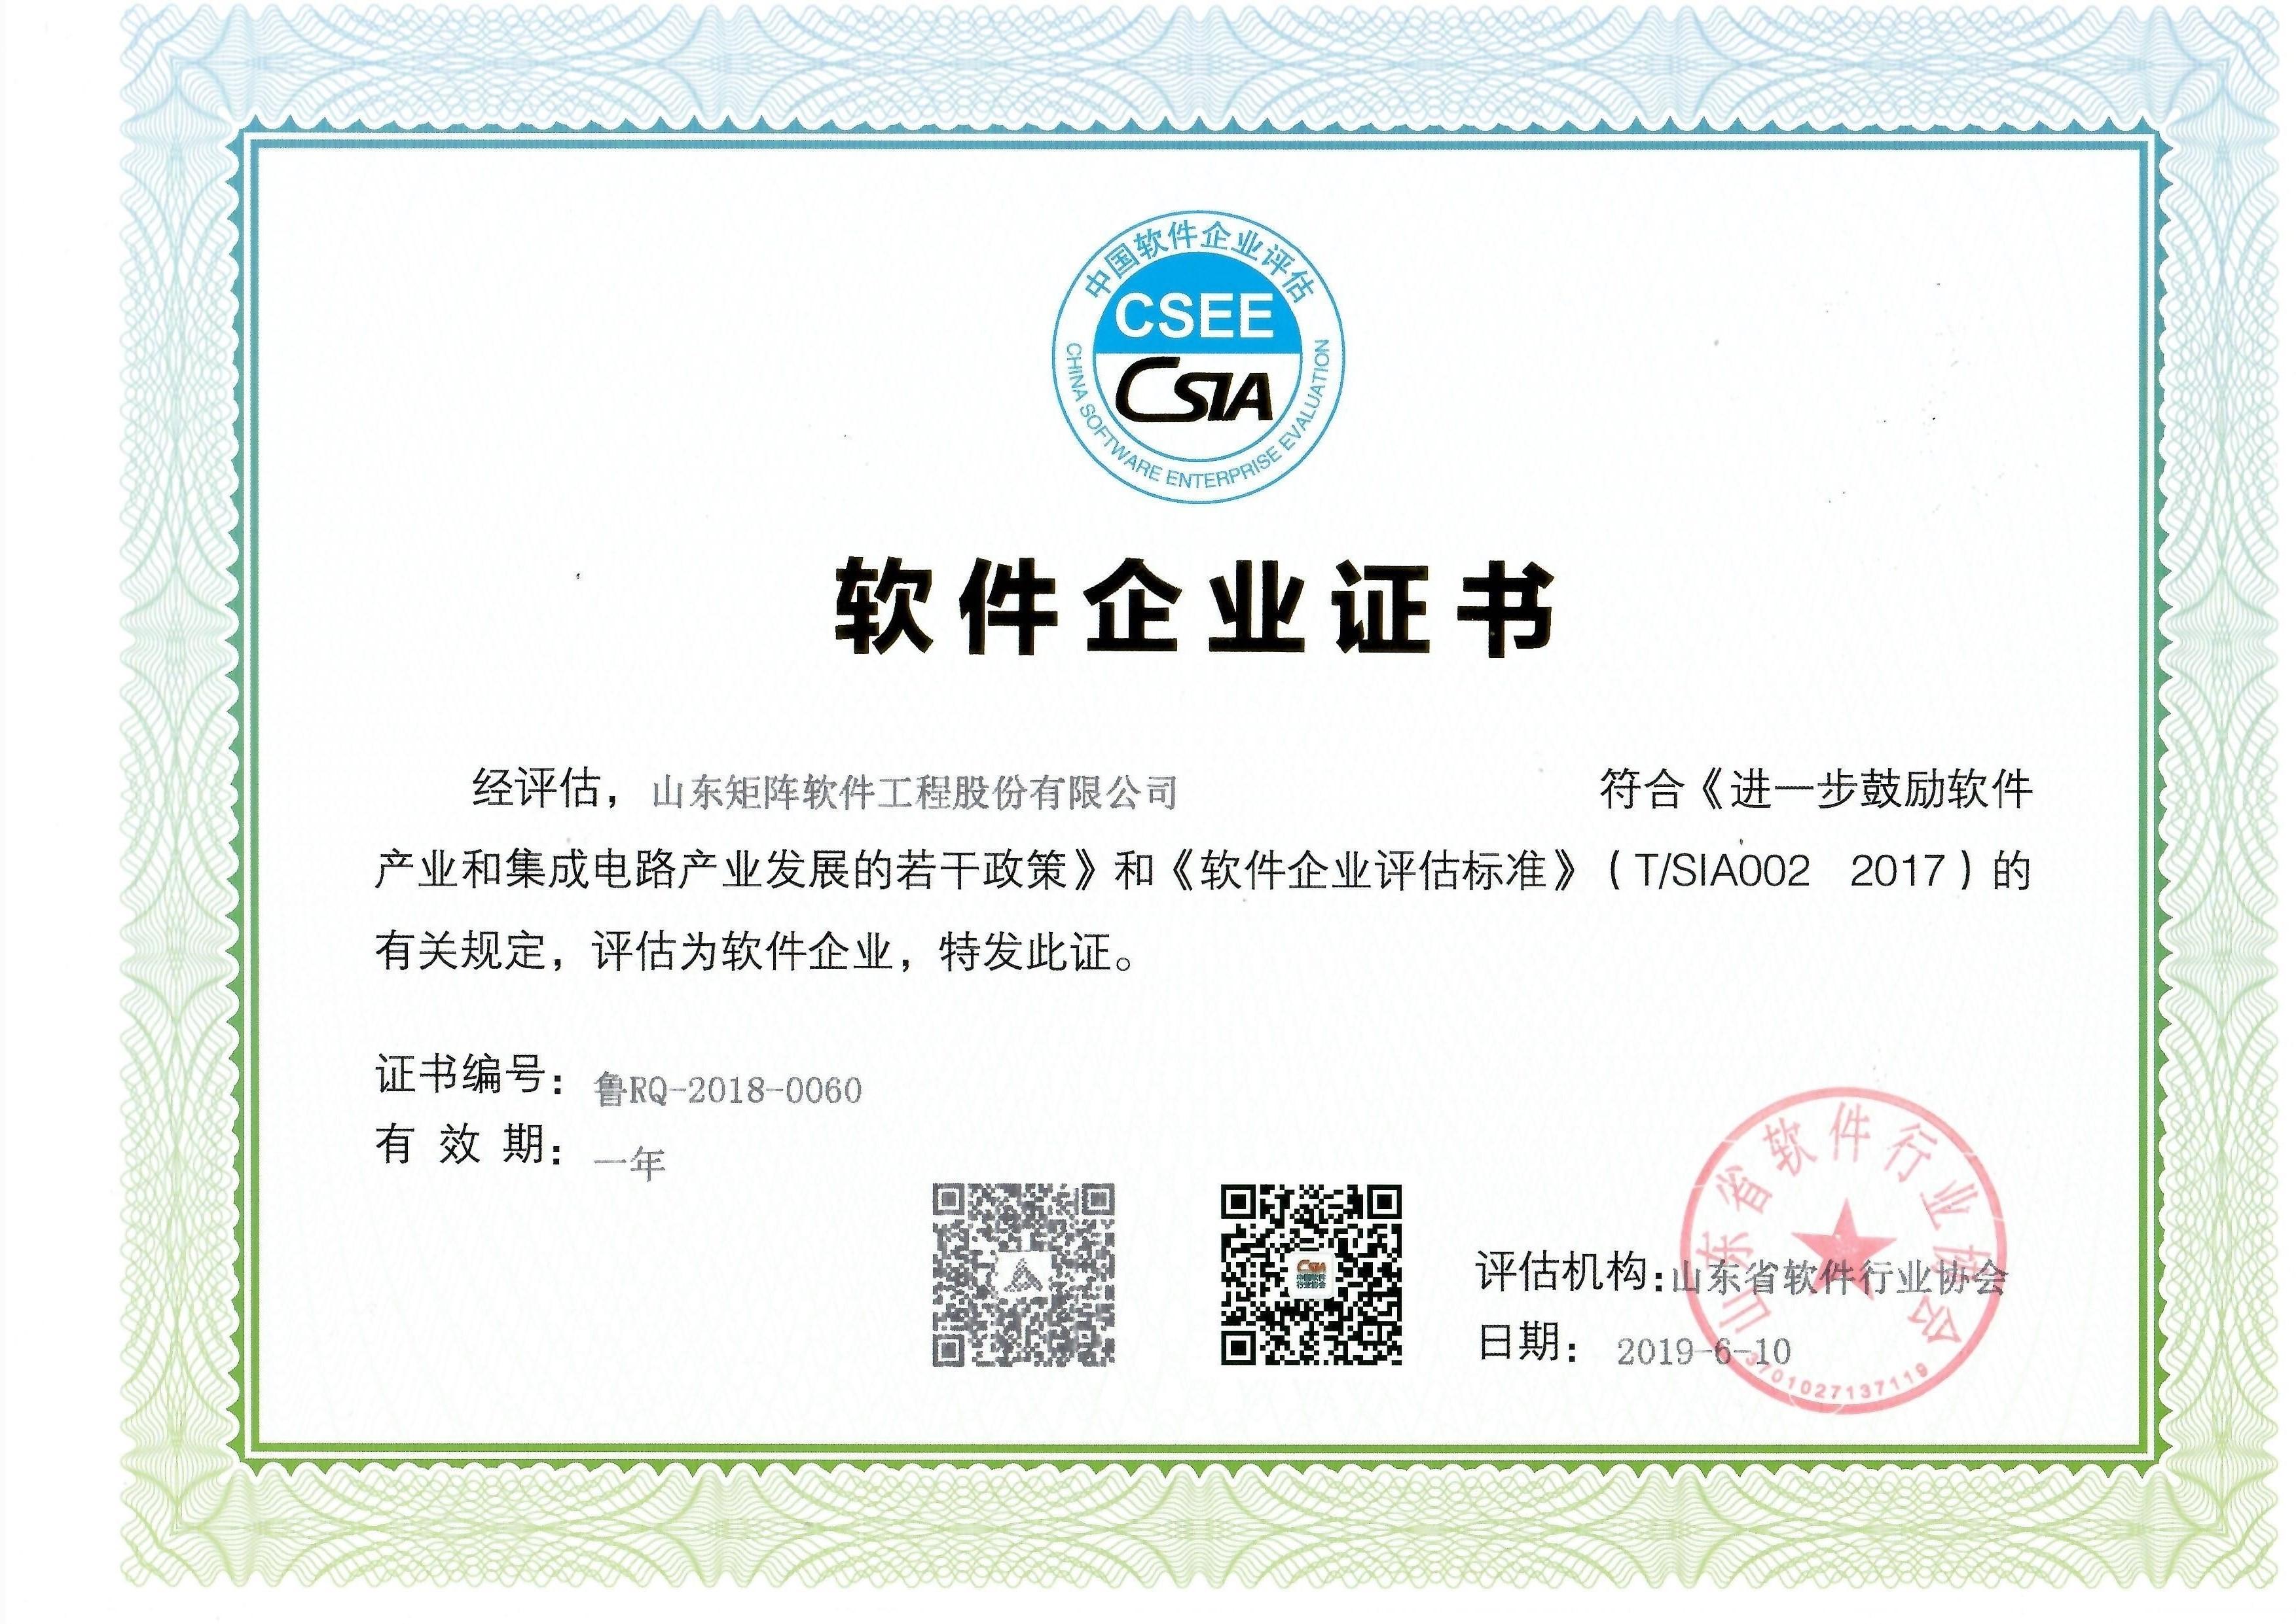 软件企业认证